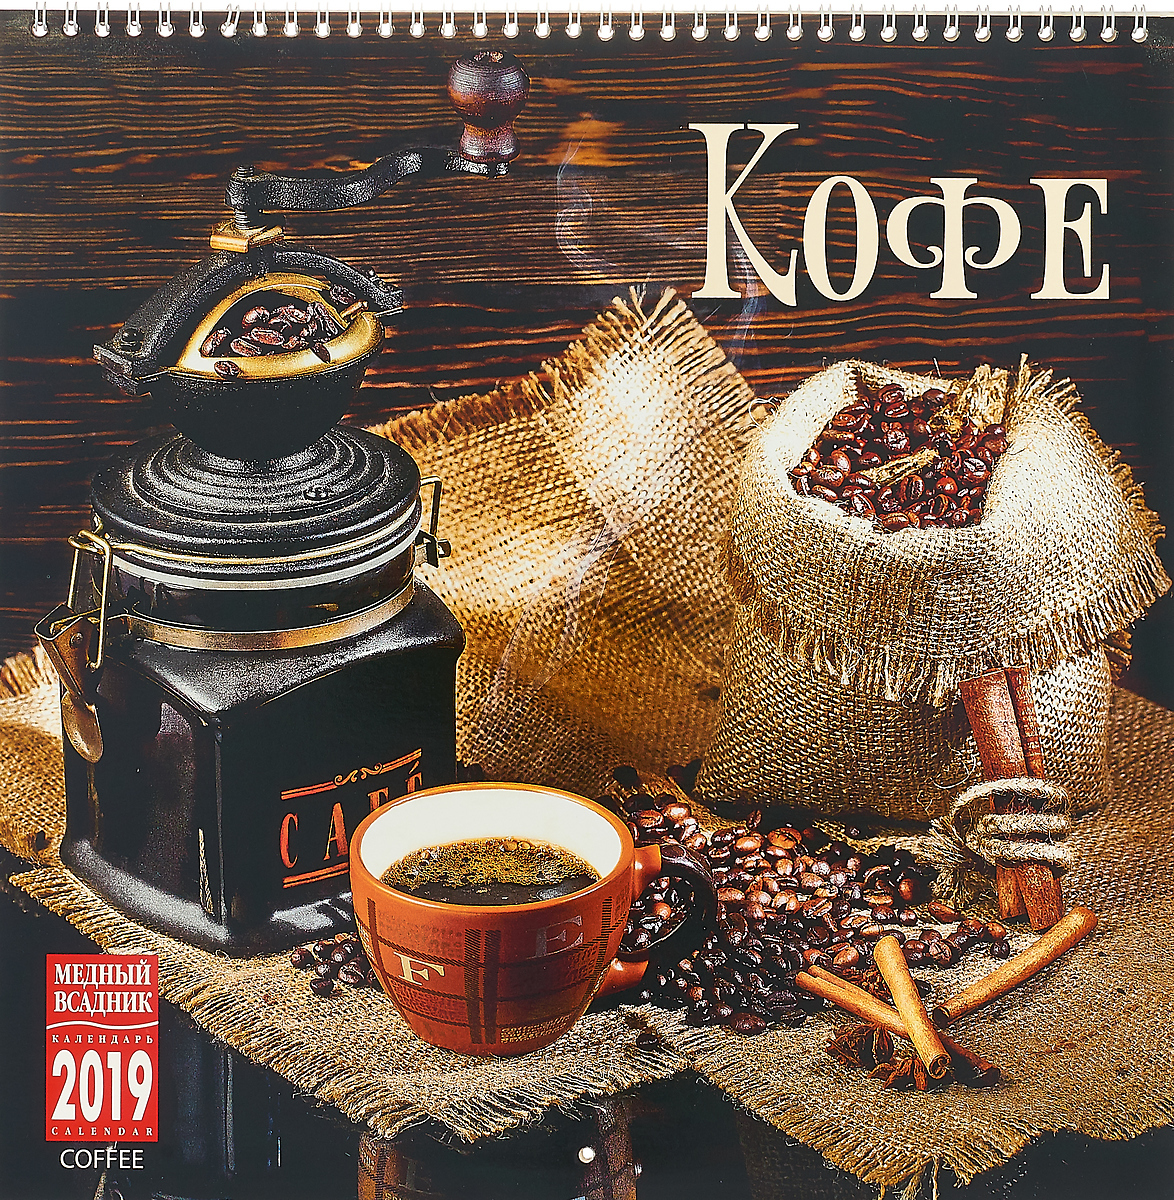 Календарь на спирали на 2019 год. Кофе календарь на спирали на 2019 год водопады